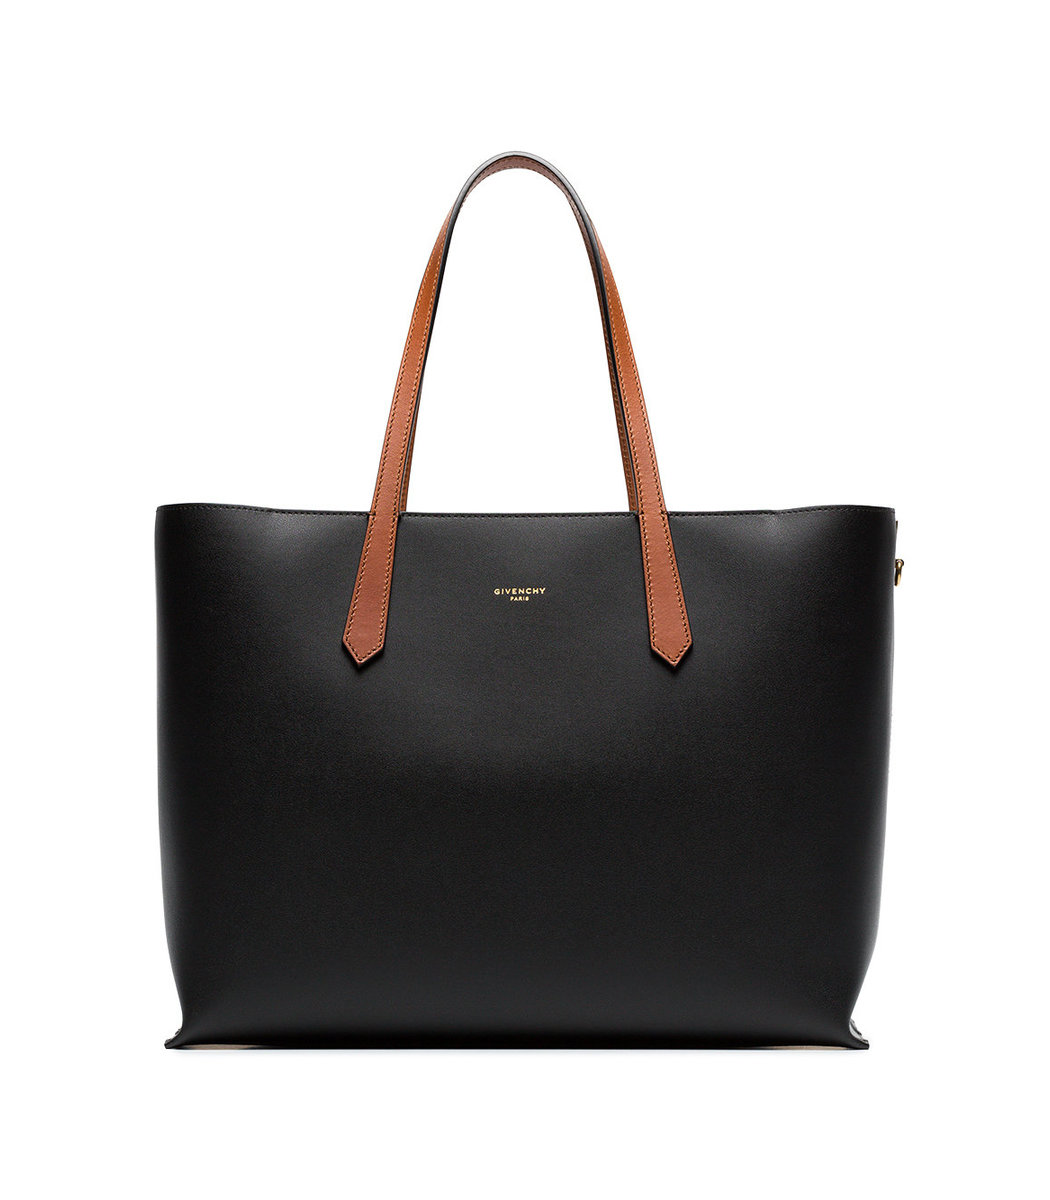 GIVENCHY Black Leather Shopper Bag